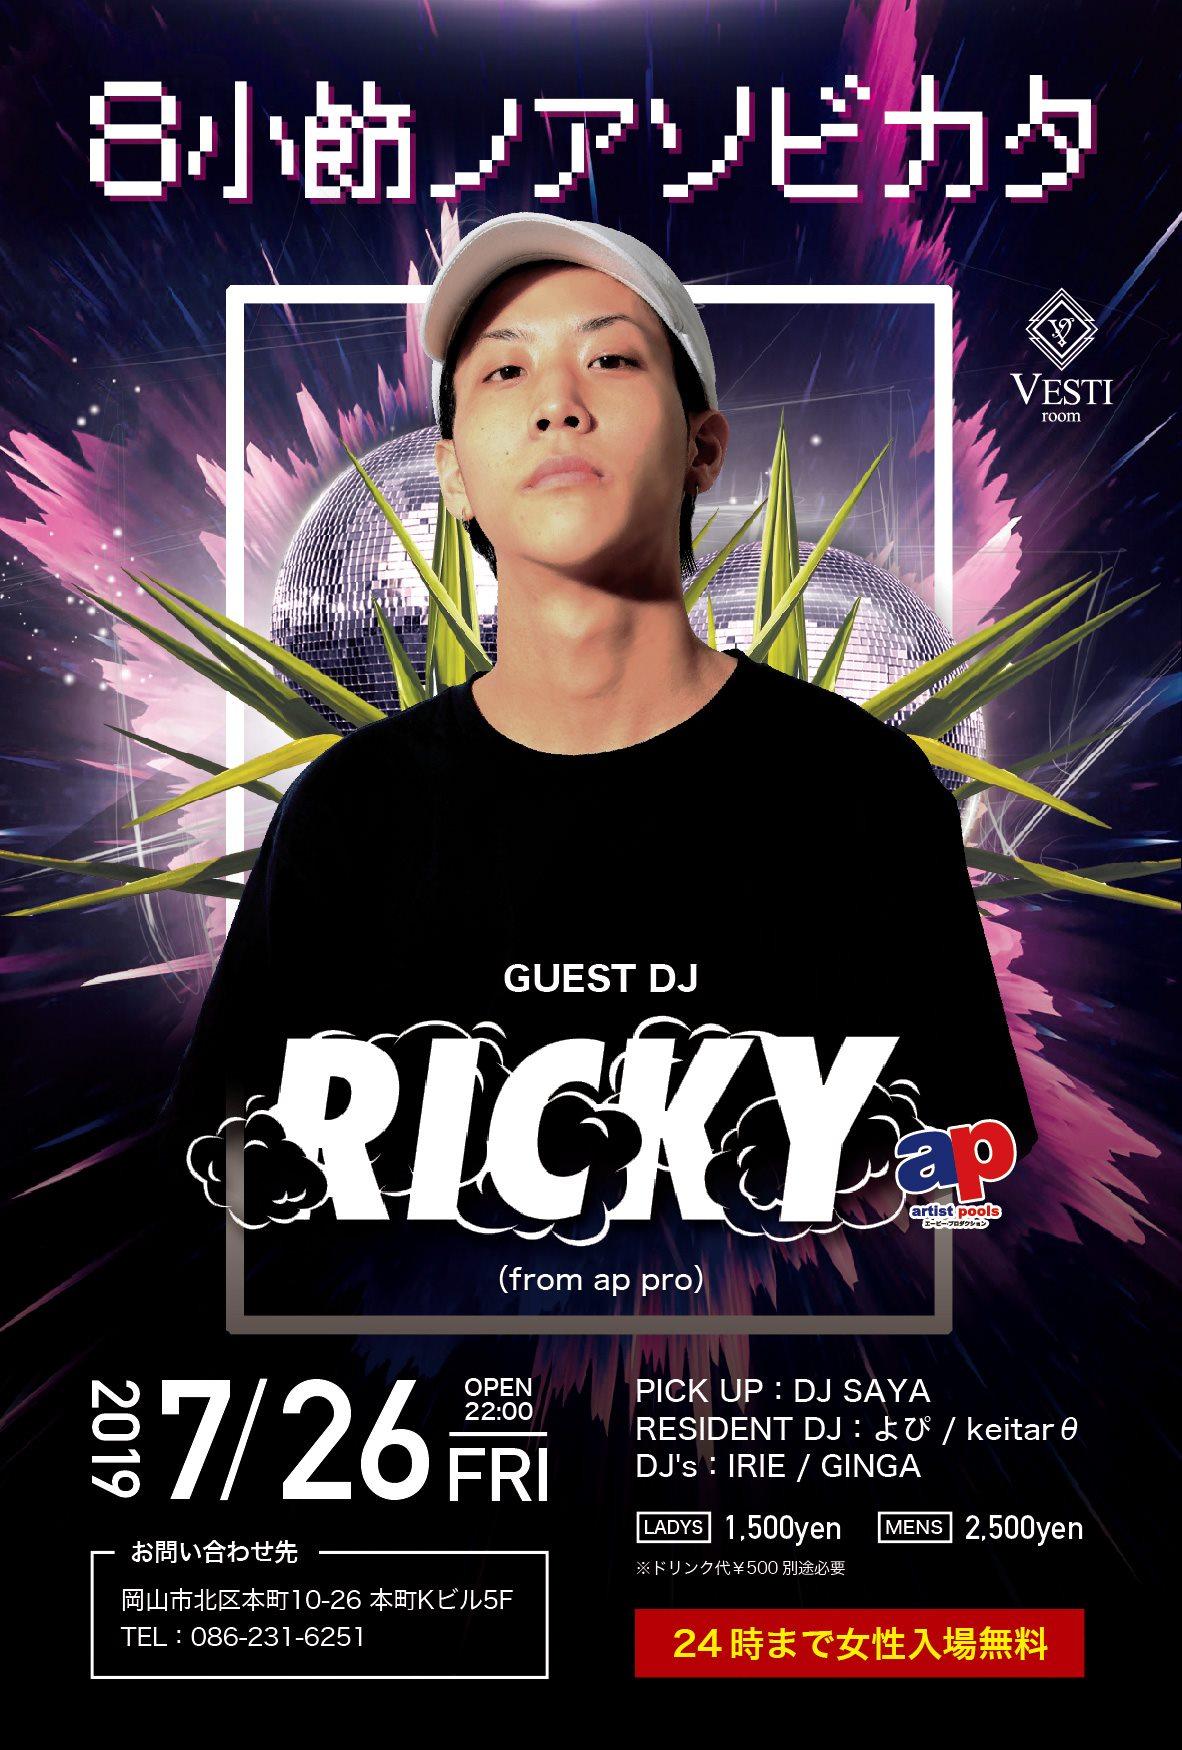 8小説ノアソビカタ~Guest DJ :  RICKY~